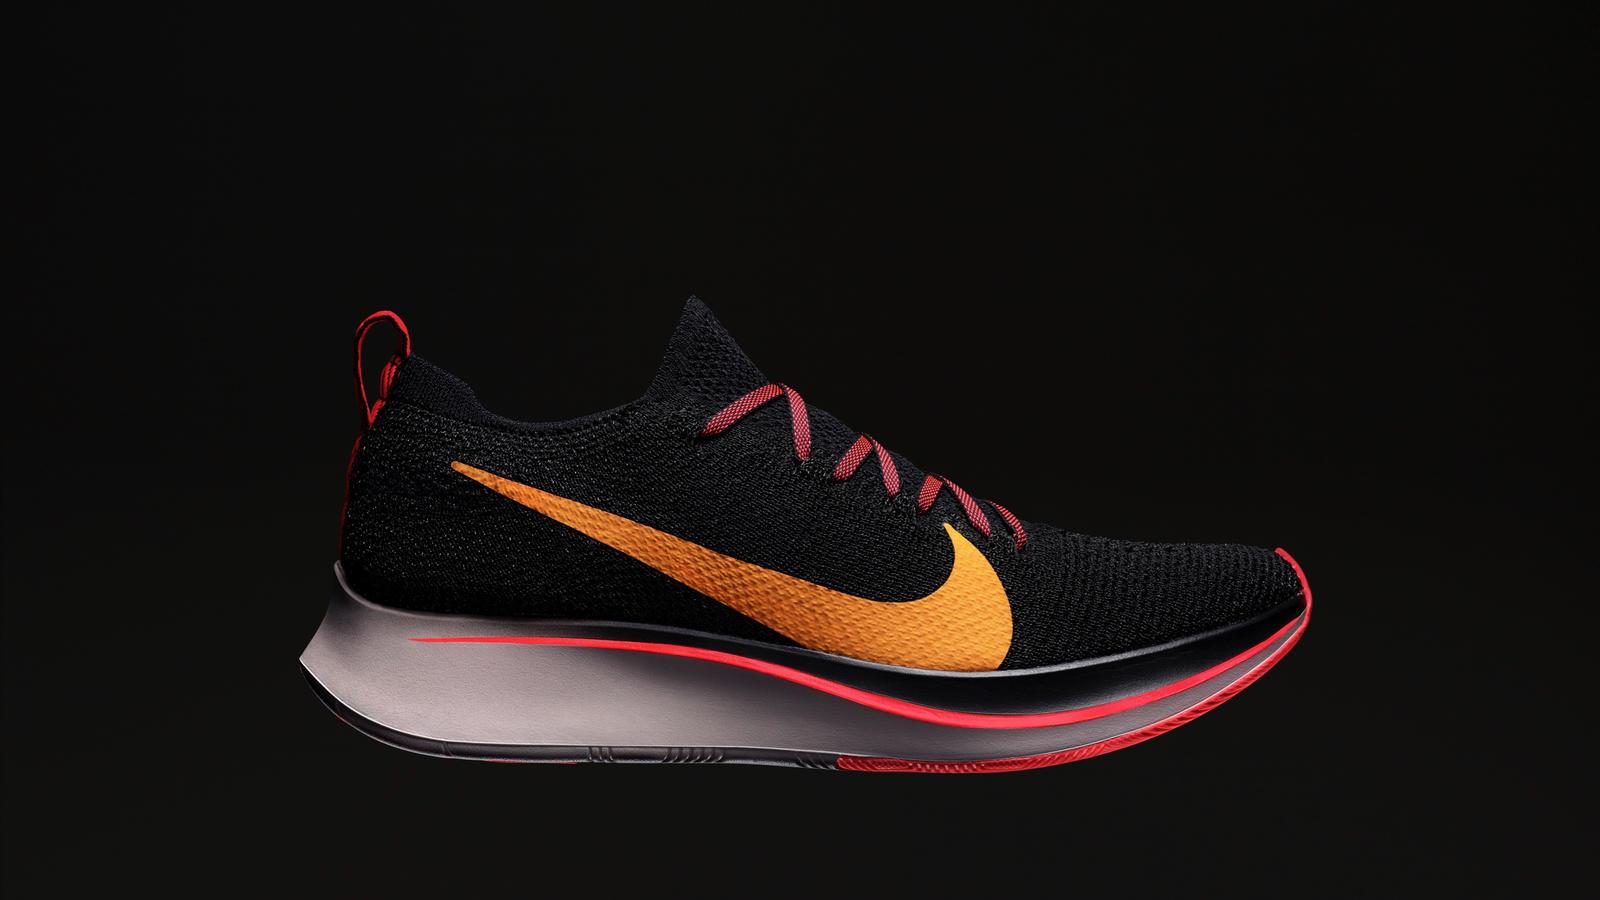 5487ec45a7c08 nike zoom fly flyknit release date · Kicks Off Court   Nike   Runners ...